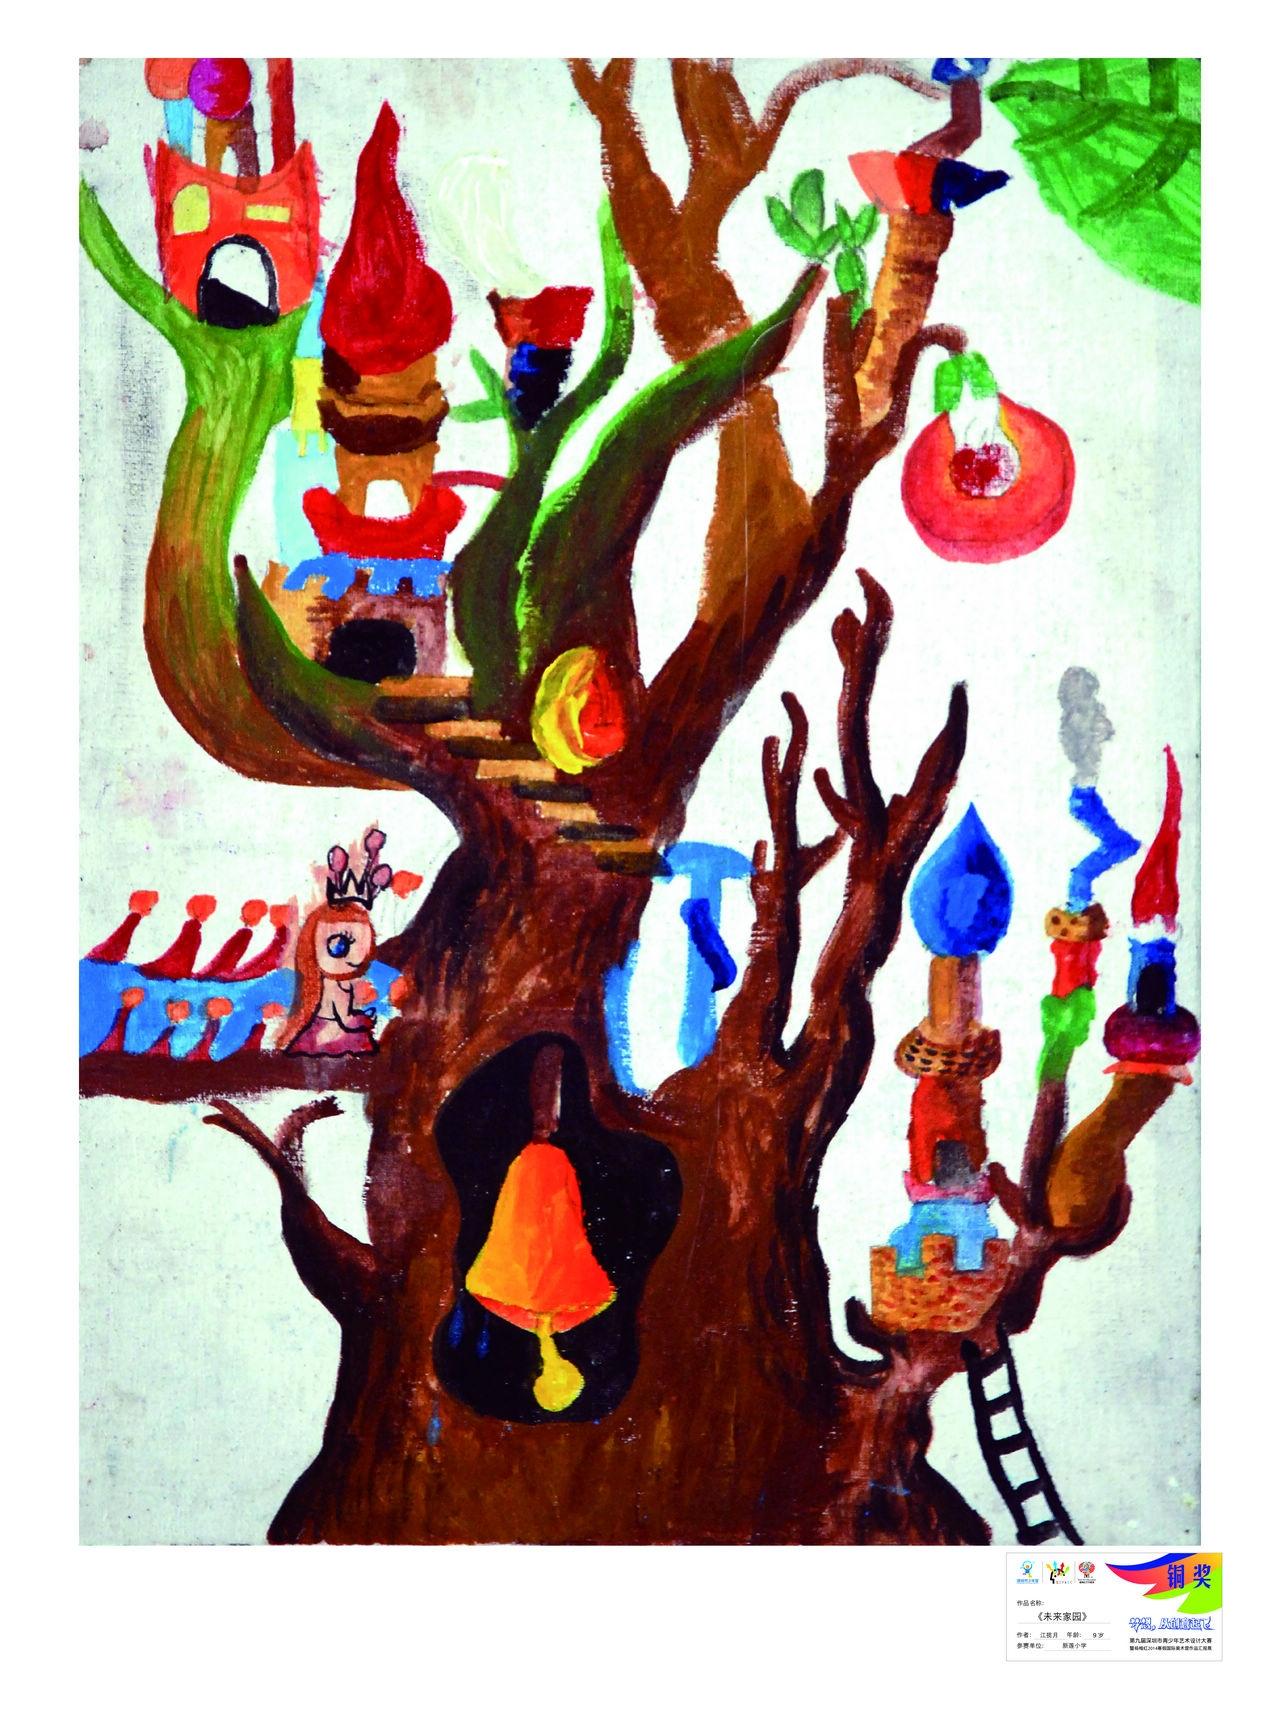 青少年艺术设计大赛获奖作品